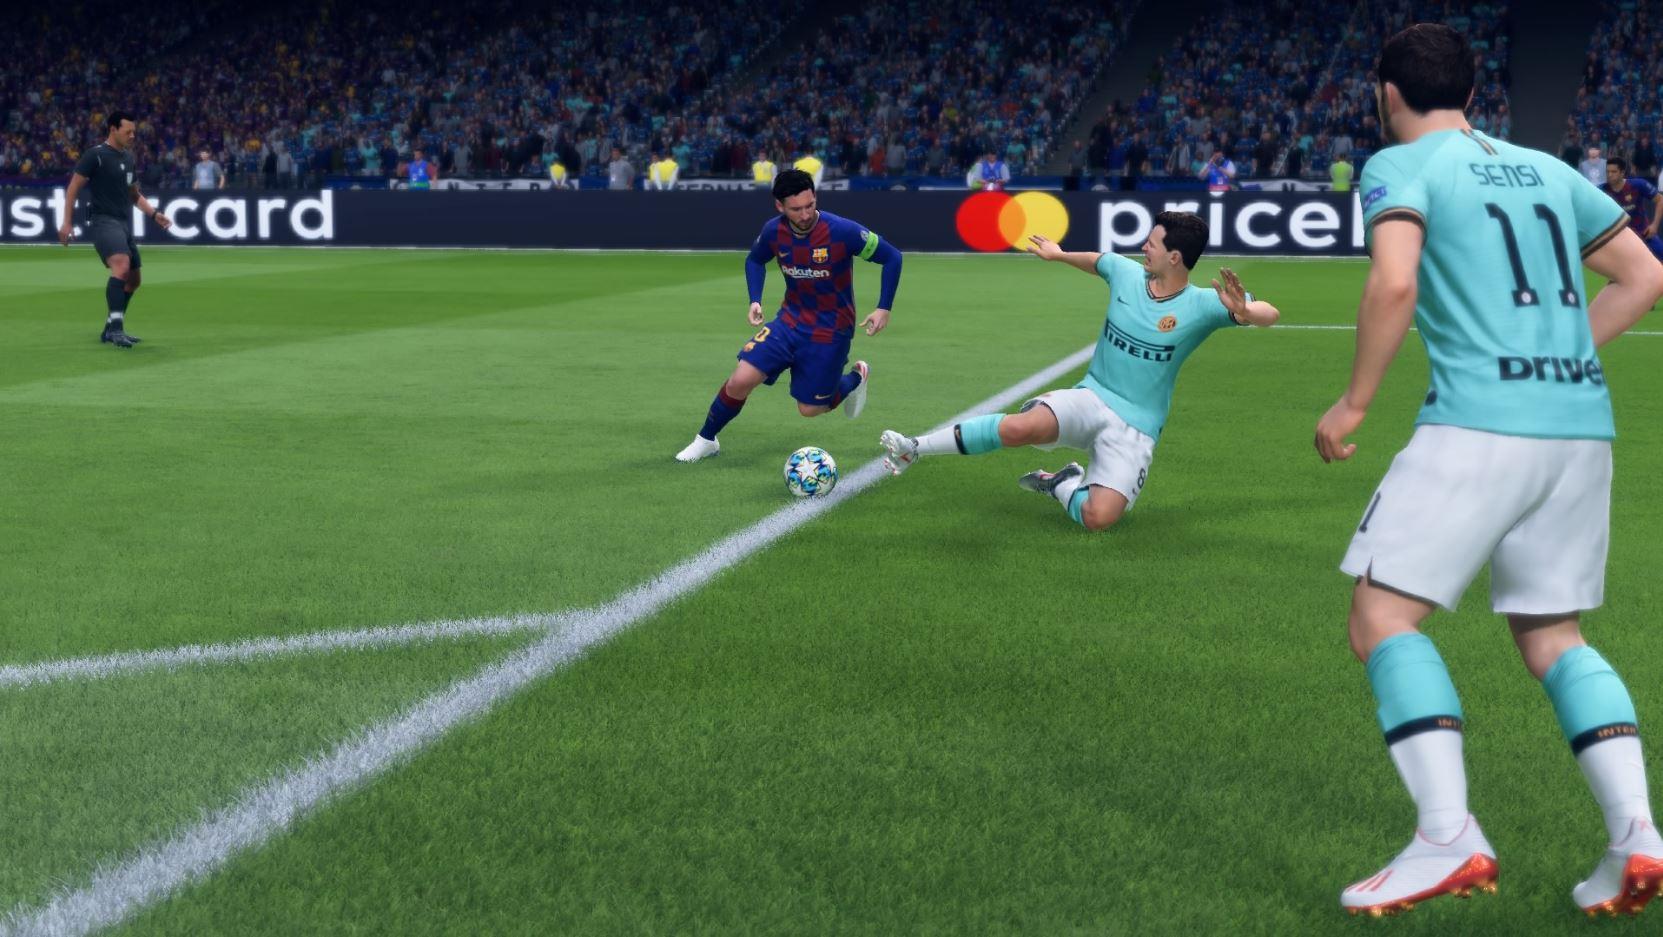 مراجعة FIFA 20: طرق جديدة للعب تجعل FIFA الحزمة الكاملة 1